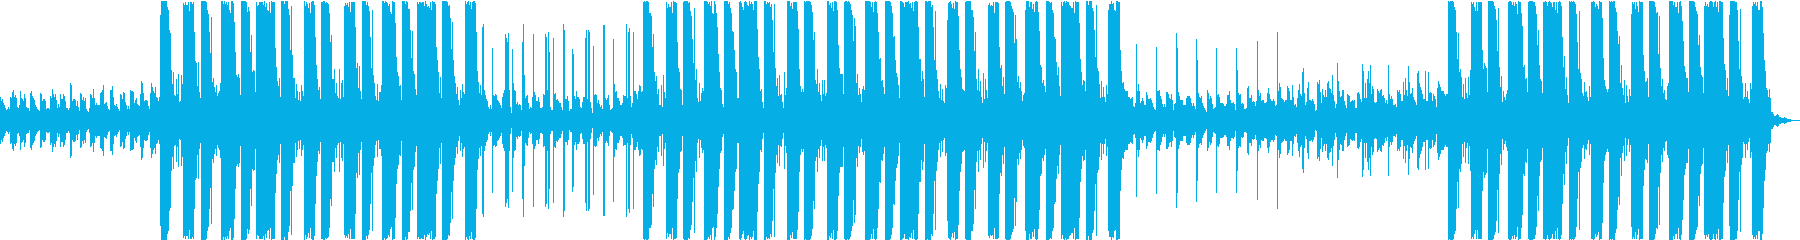 夜・月・トラップ・ヒップホップ・低音の再生済みの波形